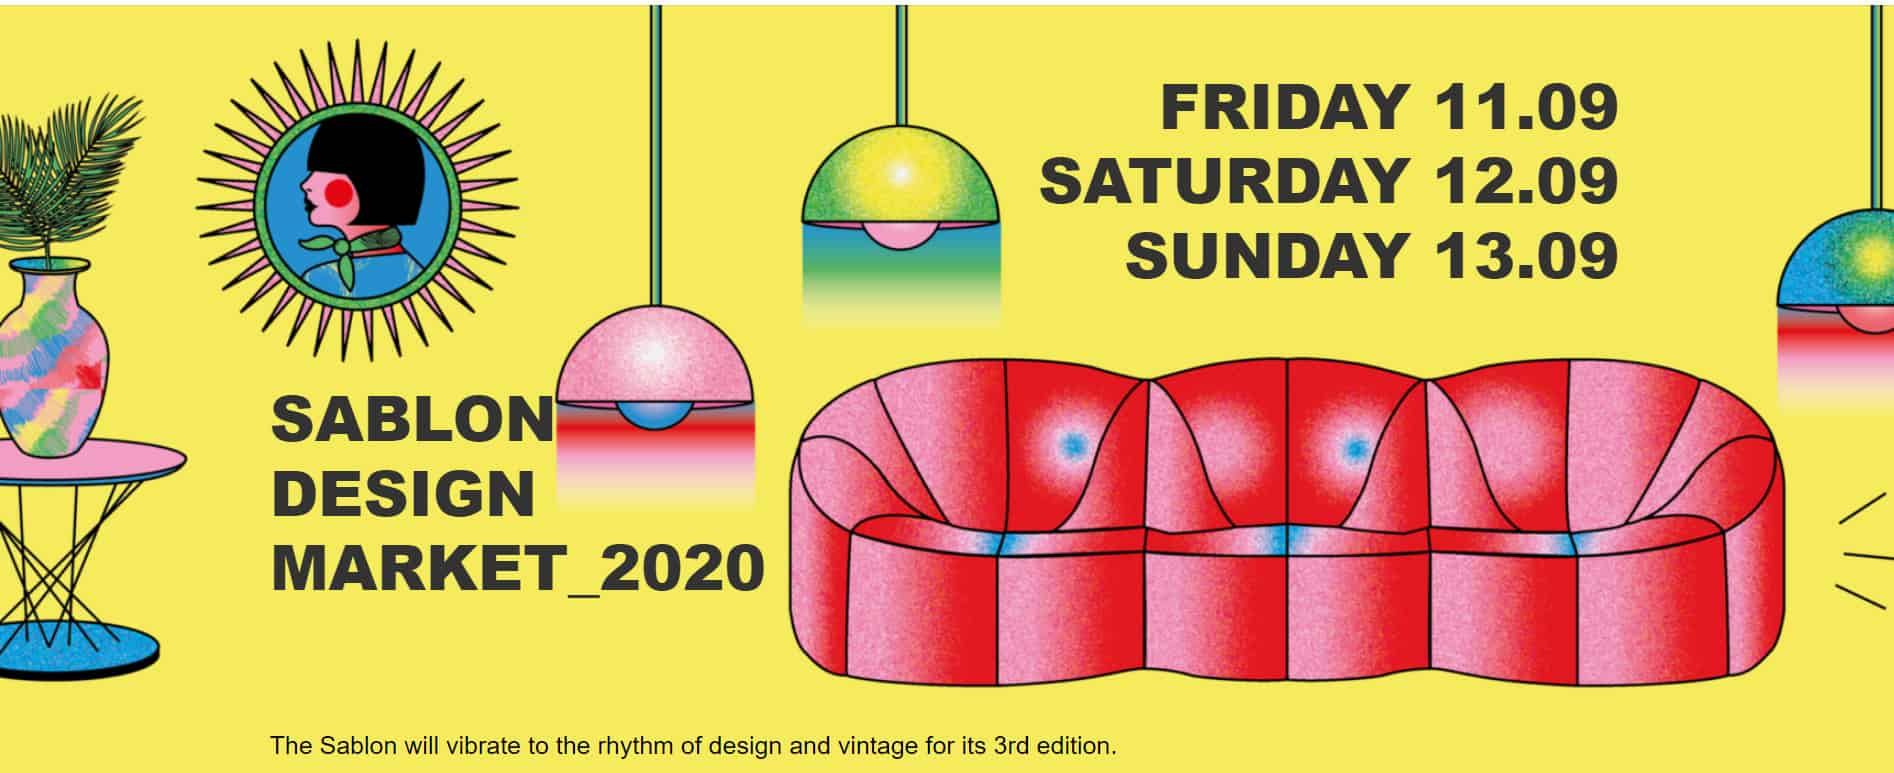 Sablon Design Market - Katheleys - Unique Vintage bags jewels